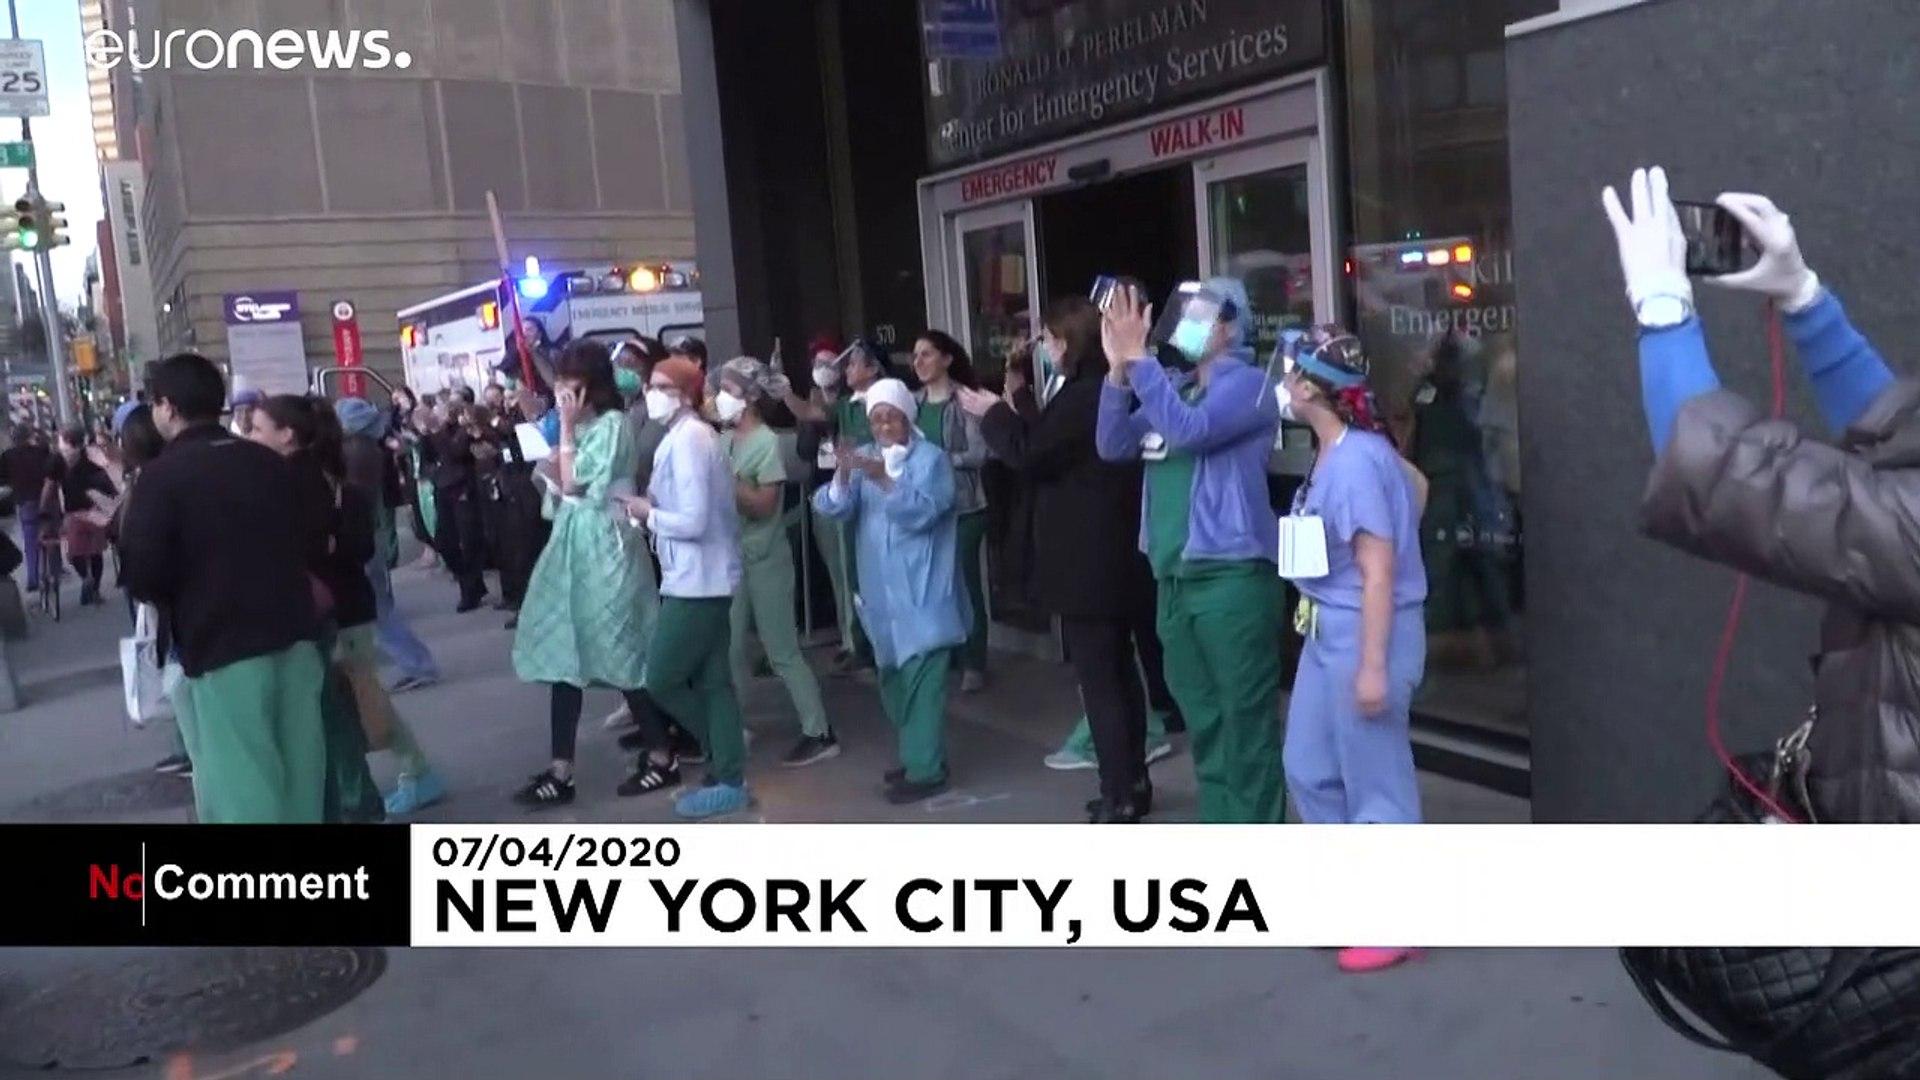 شاهد: تحية فرق الإطفاء والإنقاذ للطواقم الطبية ومرضى كوفيد 19 في نيويورك